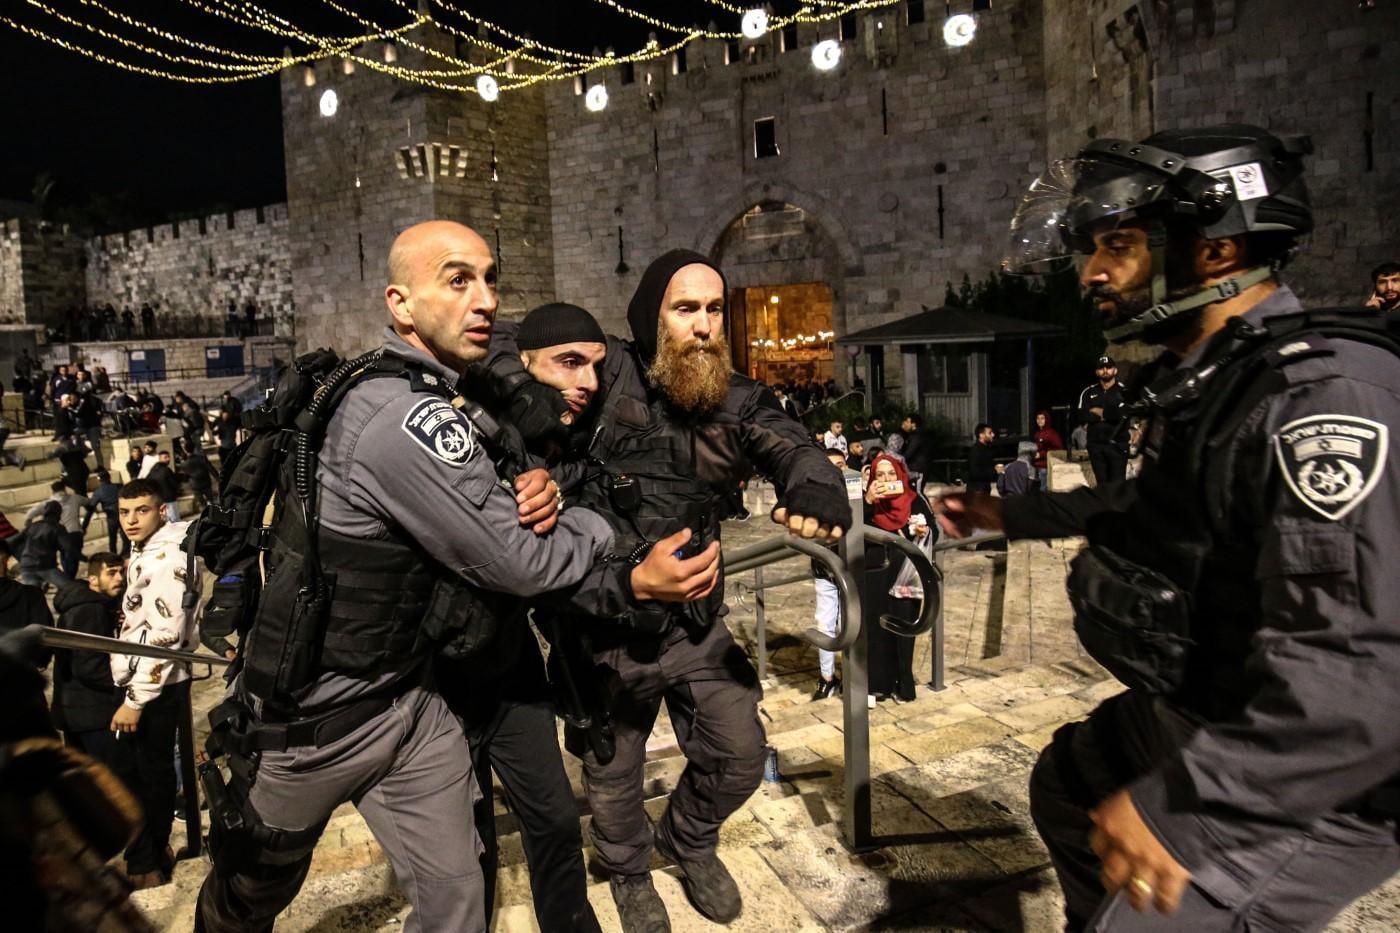 مواجهات في القدس واعتقال 3 مواطنين من باب العامود